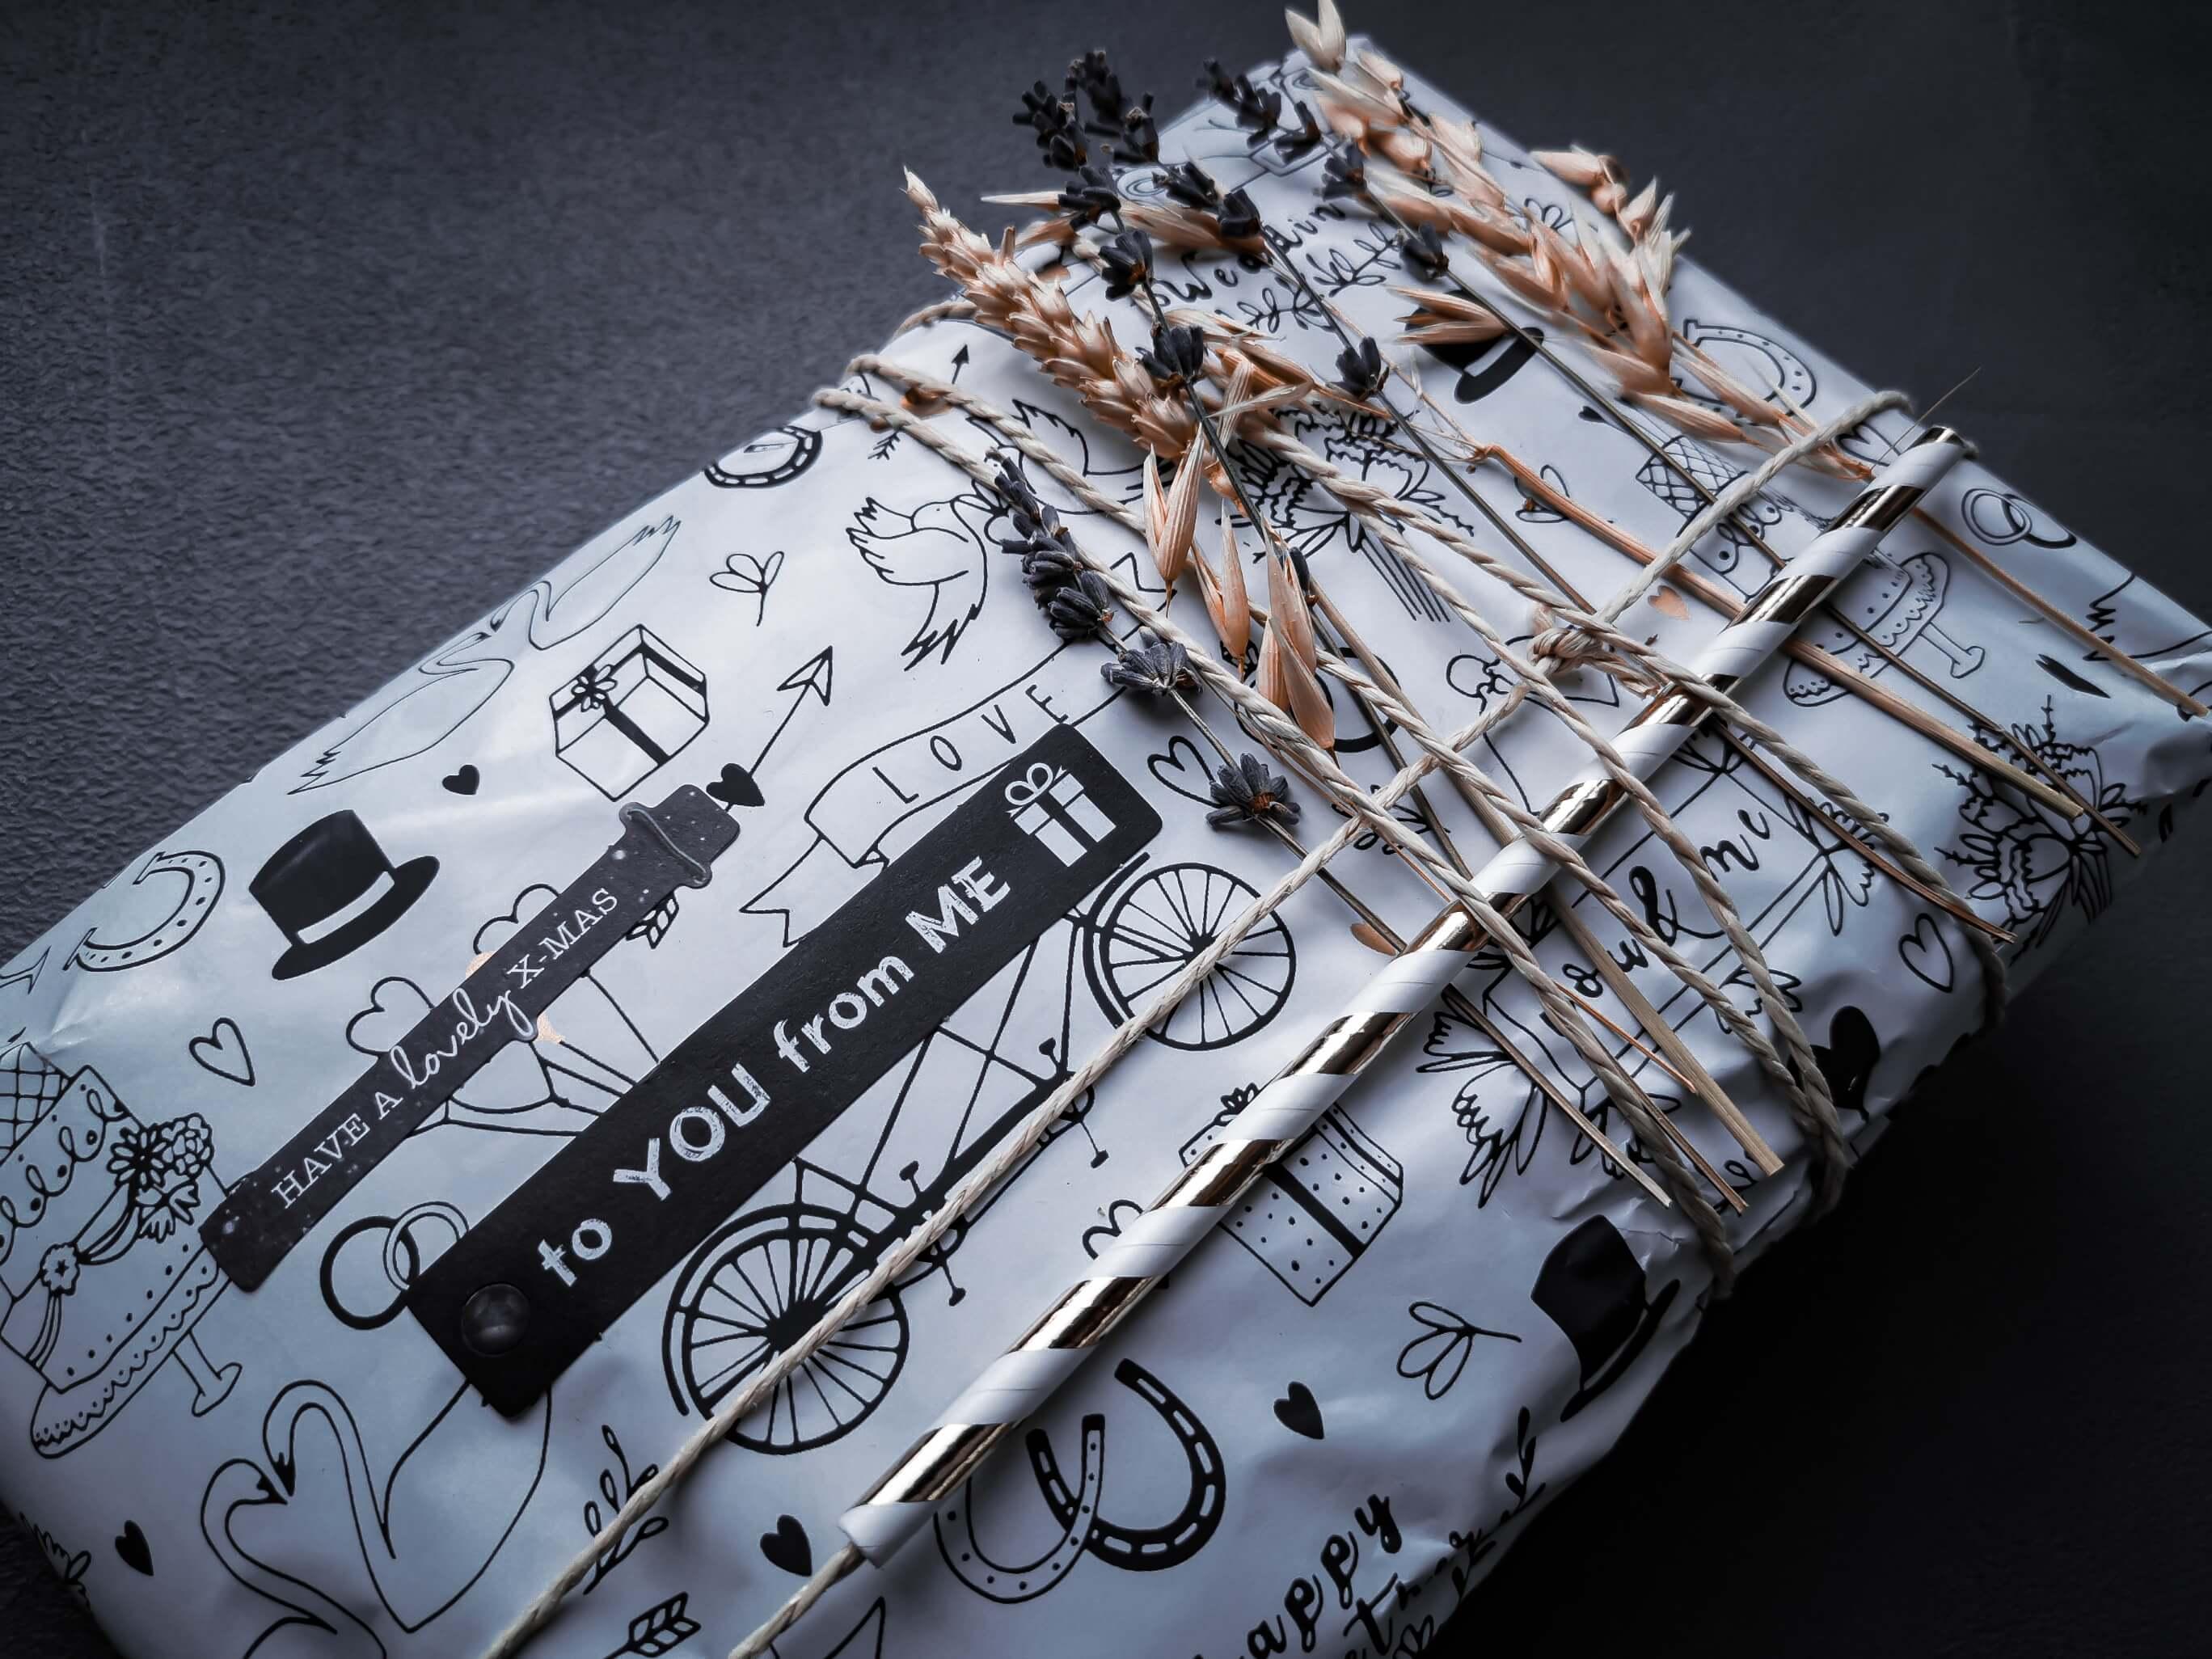 IMG 20191207 113323 resized 20191208 060150706 - Geschenke verpacken: 11 kreative Tipps zum Selbermachen